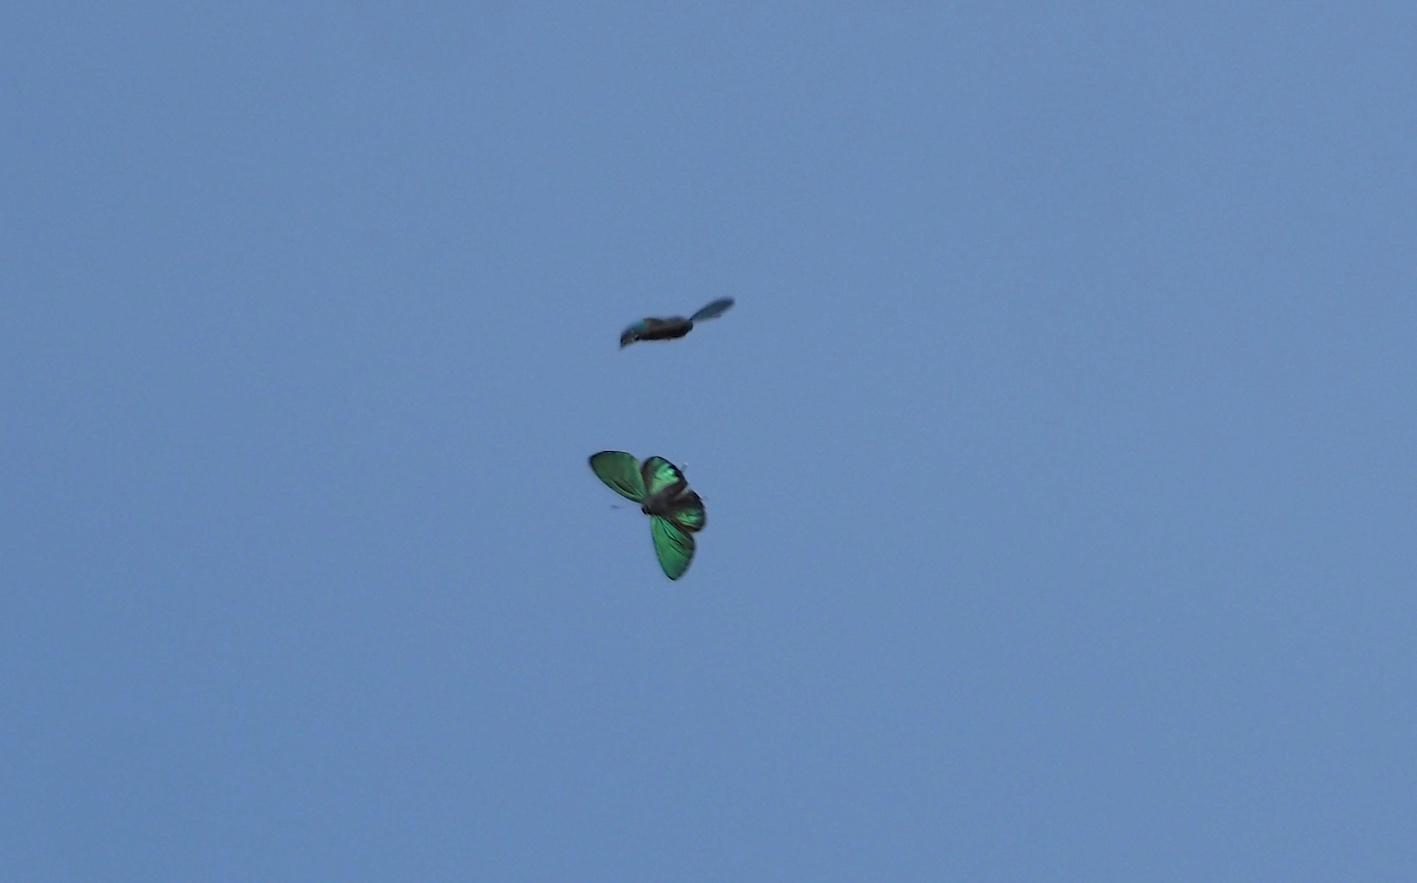 オオミドリシジミの飛翔シーン(2019年6月11日)_d0303129_7254735.jpg